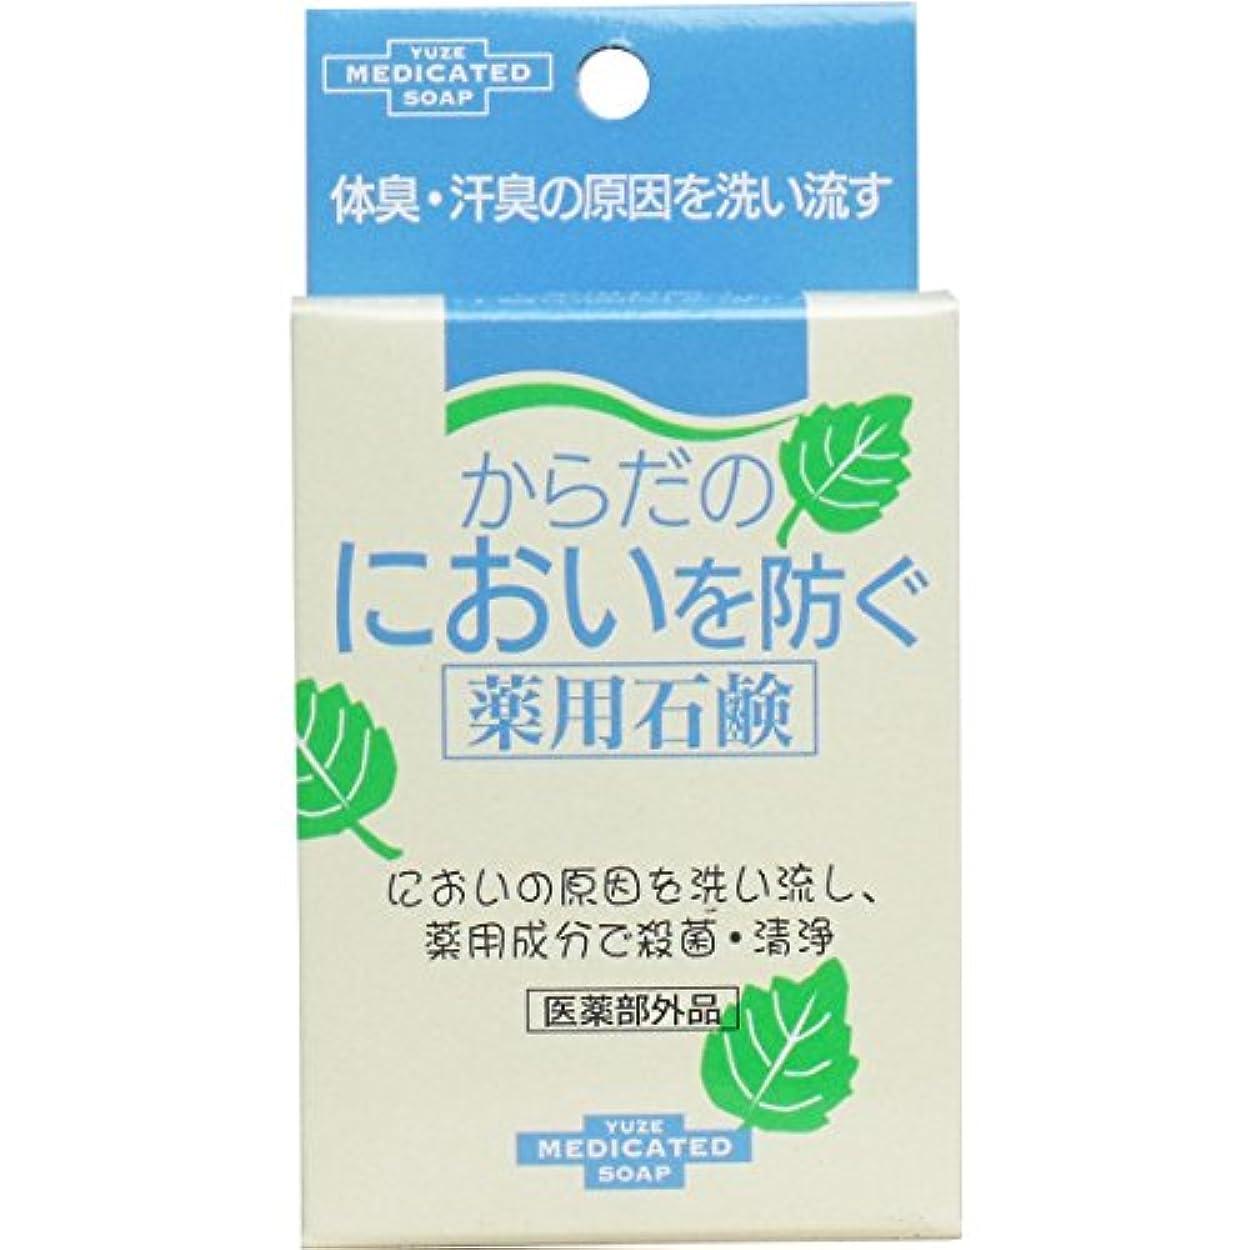 四回赤道ちらつきユゼ からだのにおいを防ぐ薬用石鹸 7セット